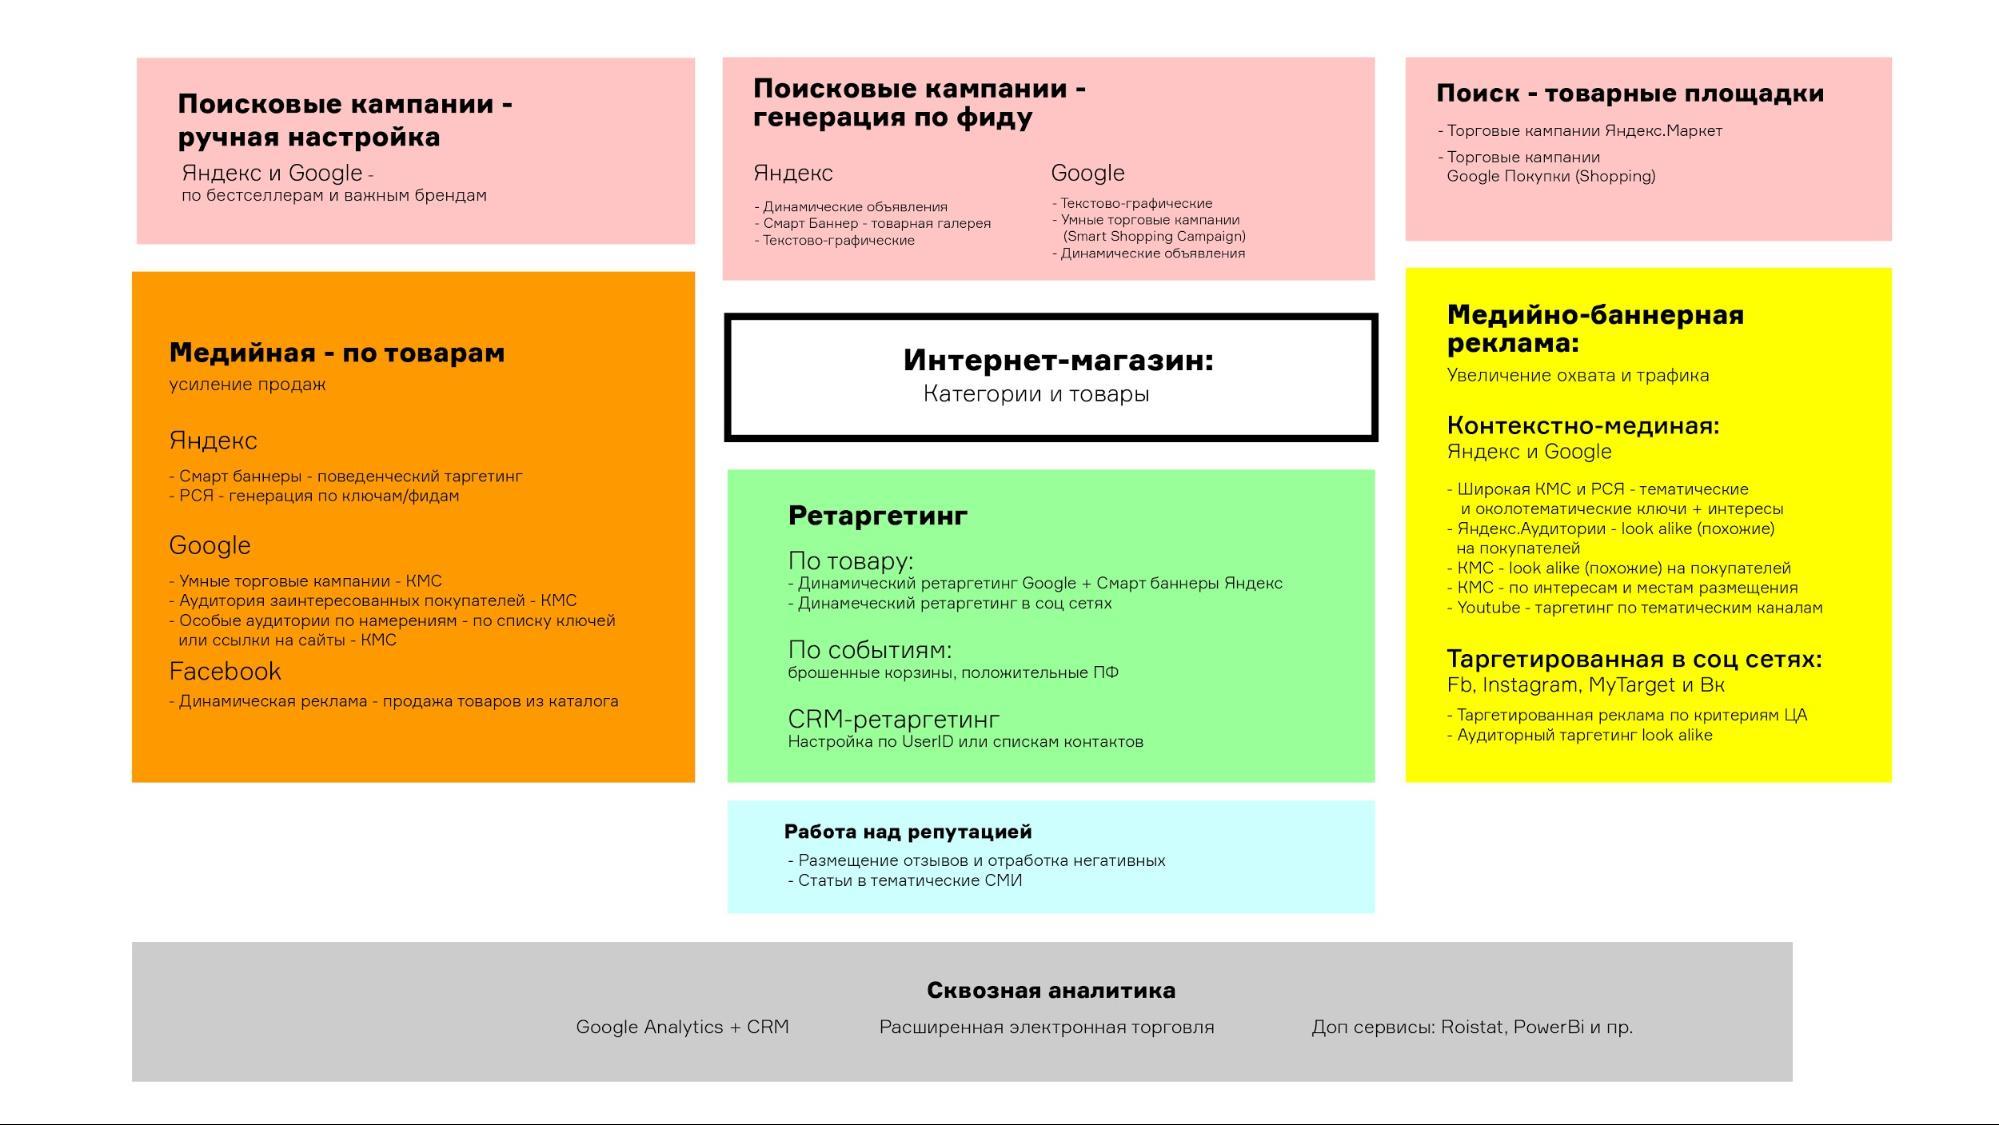 Кейс по рекламе интернет-магазина – схема применения рекламных инструментов для интернет-магазина детально